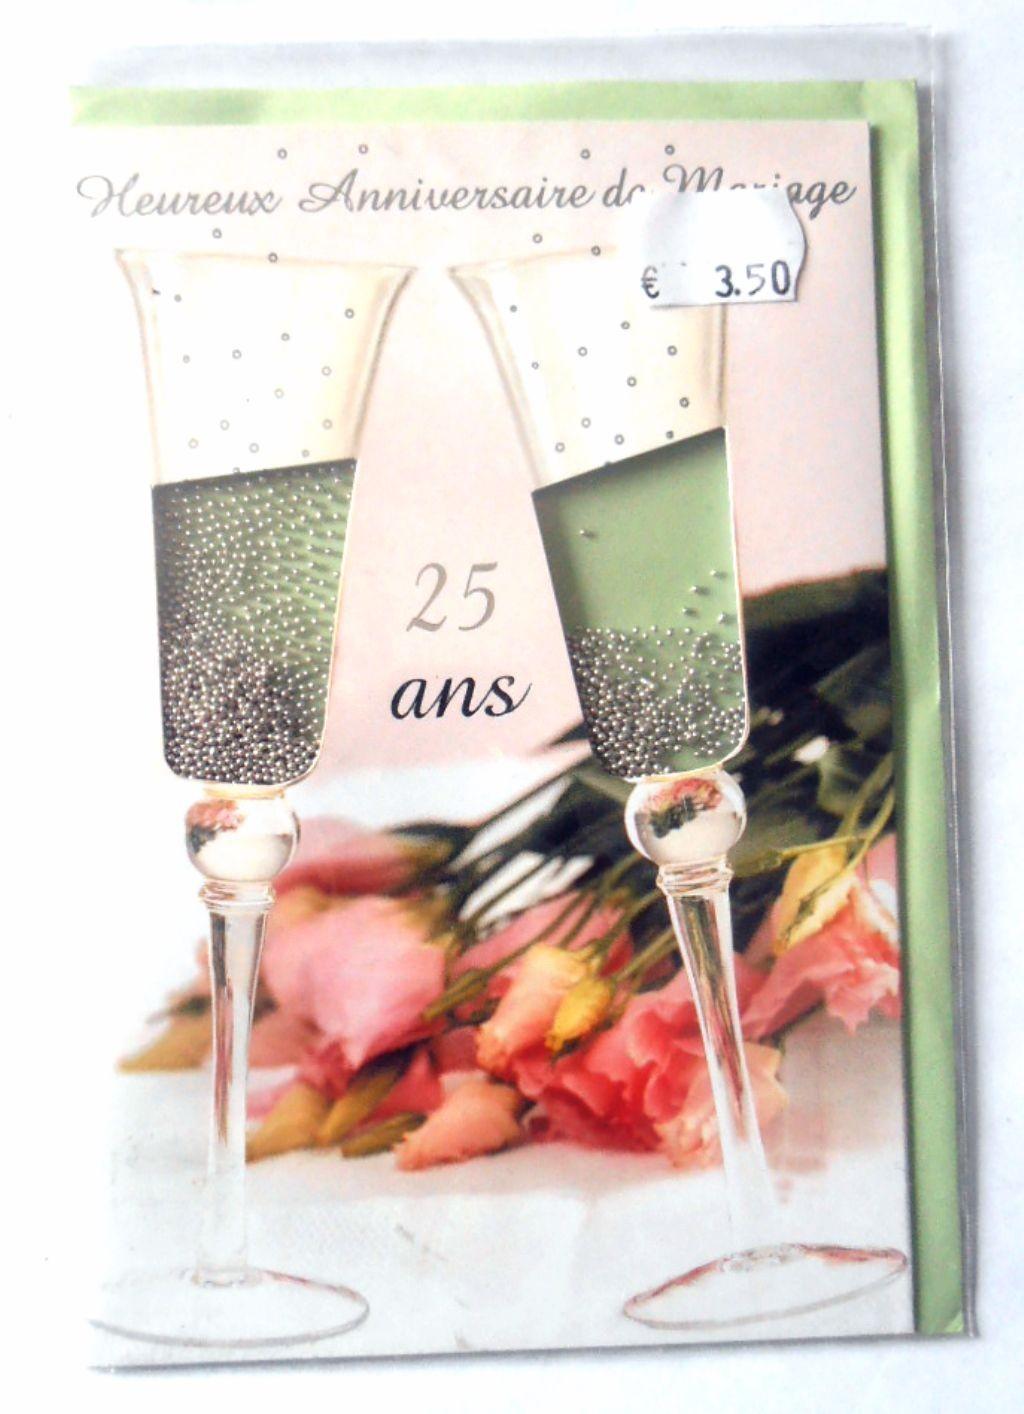 Carte Postale Neuve Avec Enveloppe Félicitations Anniversaire Mariage Noces Dargent 25 Ans 1205 Amzalancom